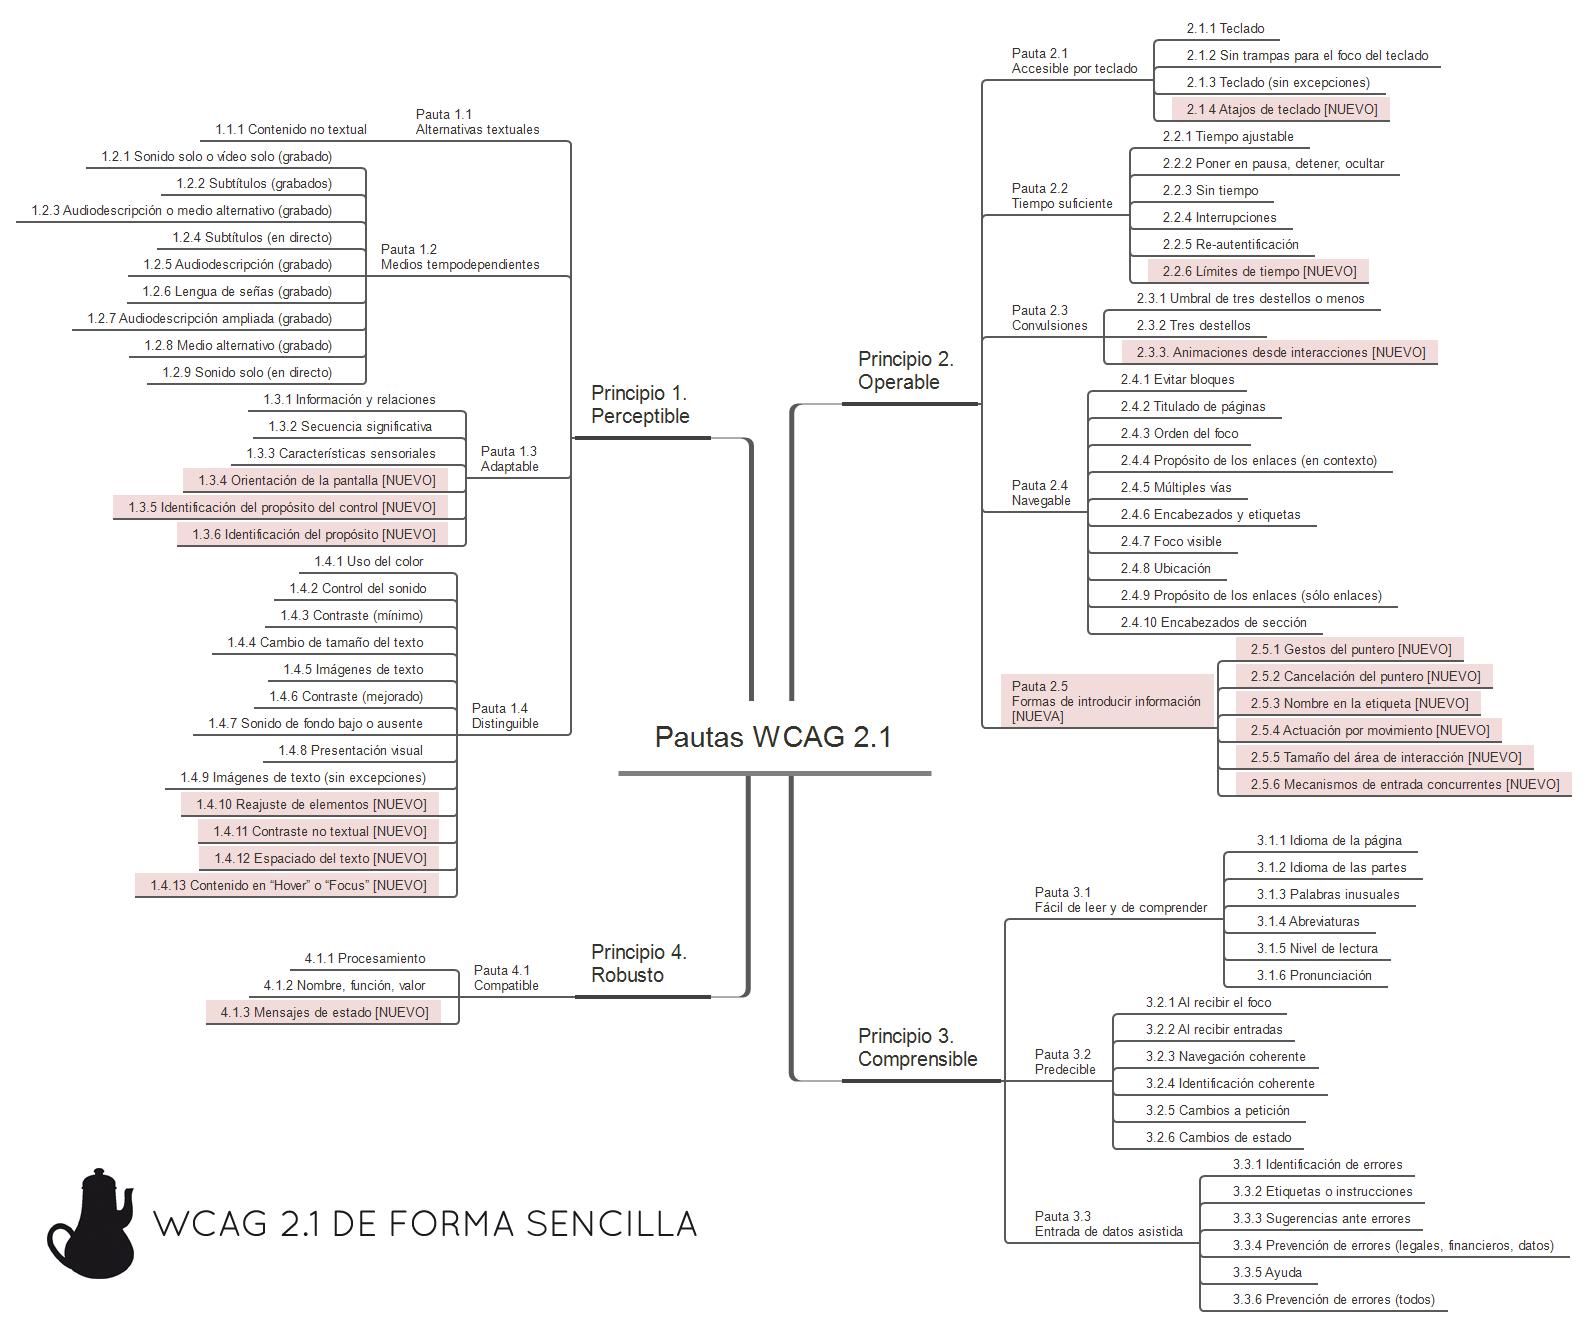 Diagrama en forma de árbol con todas las pautas y criterios de las WCAG 2.1